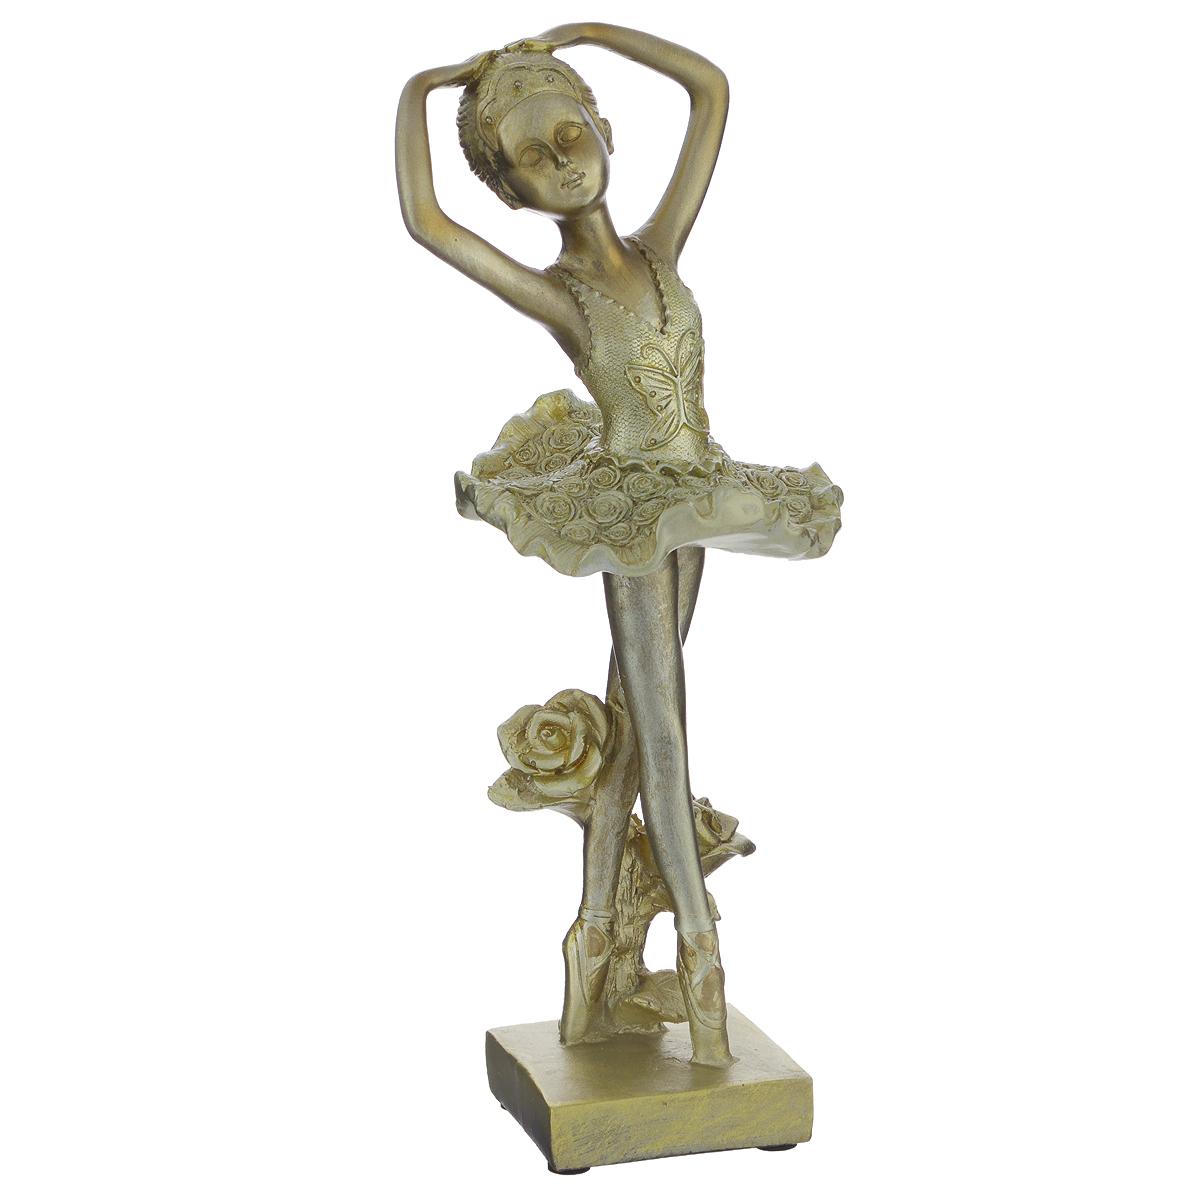 Фигурка декоративная Molento Маленькая балерина, высота 26 смTHN132NДекоративная фигурка Molento Маленькая балерина, изготовленная из полистоуна, выполнена в виде девочки-балерины. Такая фигурка станет отличным дополнением к интерьеру.Вы можете поставить фигурку в любом месте, где она будет удачно смотреться, и радовать глаз. Кроме того, фигурка Маленькая балерина станет чудесным сувениром для ваших друзей и близких. Размер фигурки: 10 см х 9 см х 26 см.